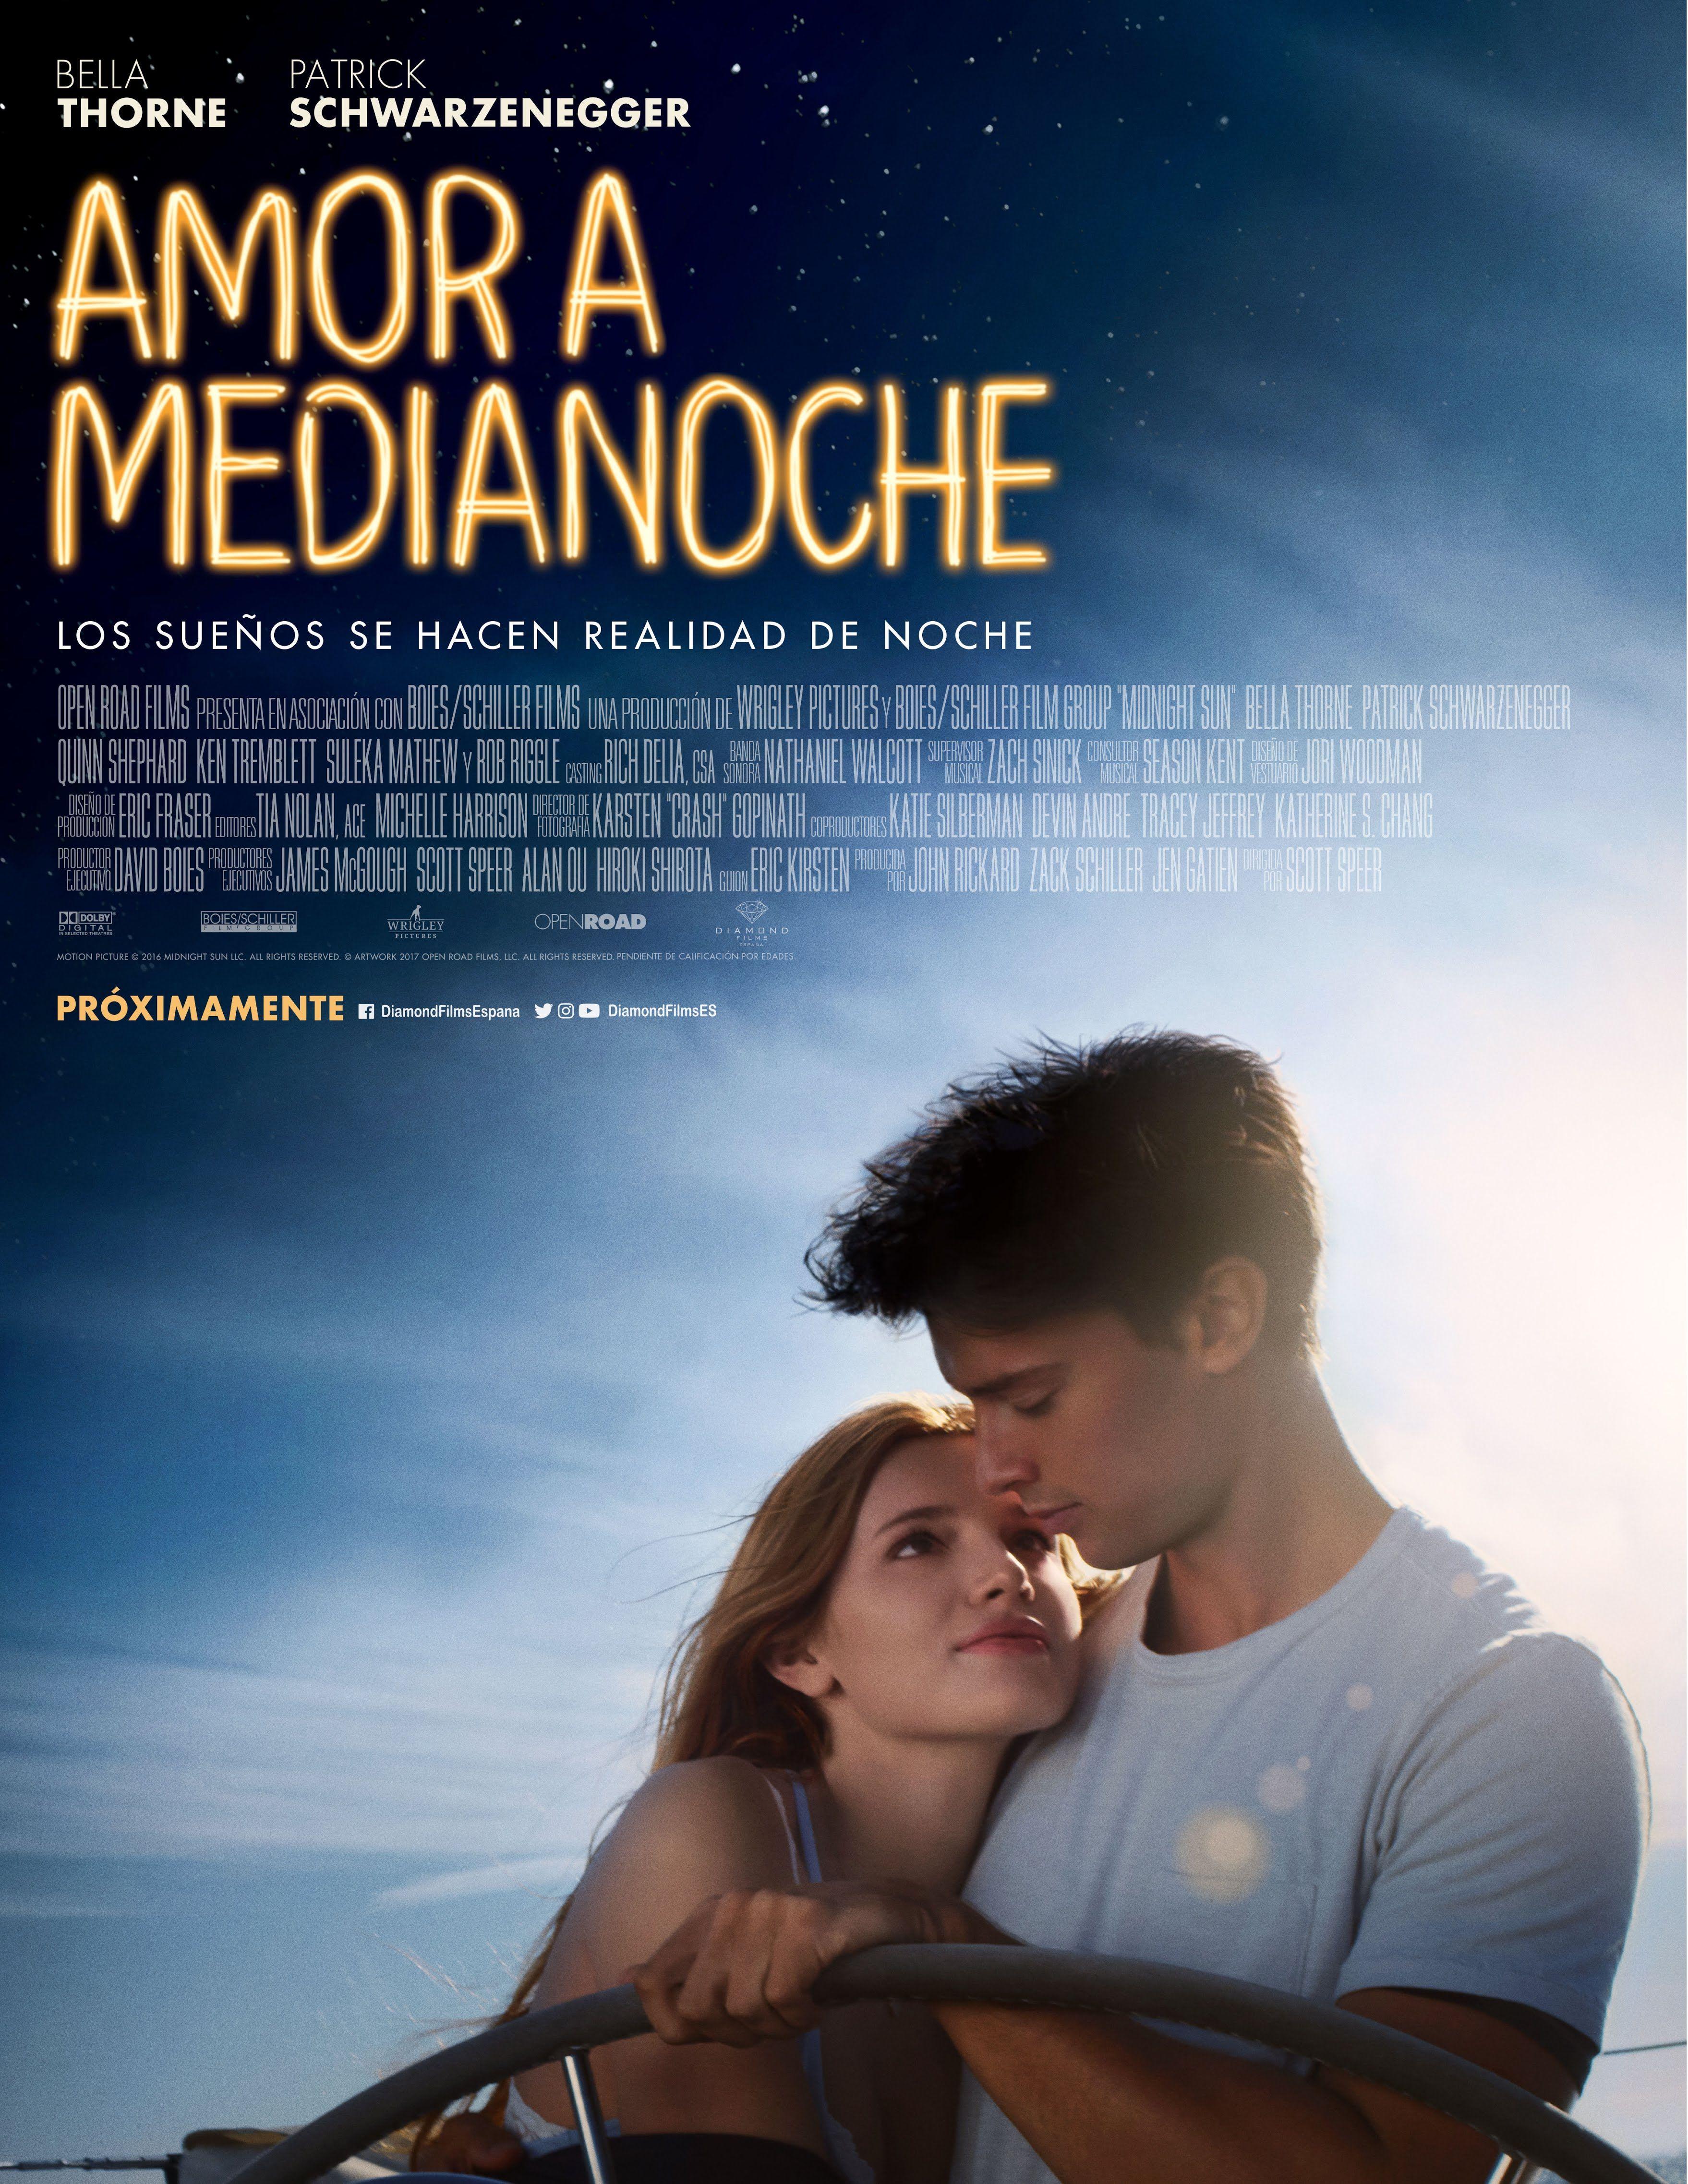 Amor A Medianoche Peliculas Romanticas En Español Peliculas Juveniles Romanticas Peliculas Romanticas Completas